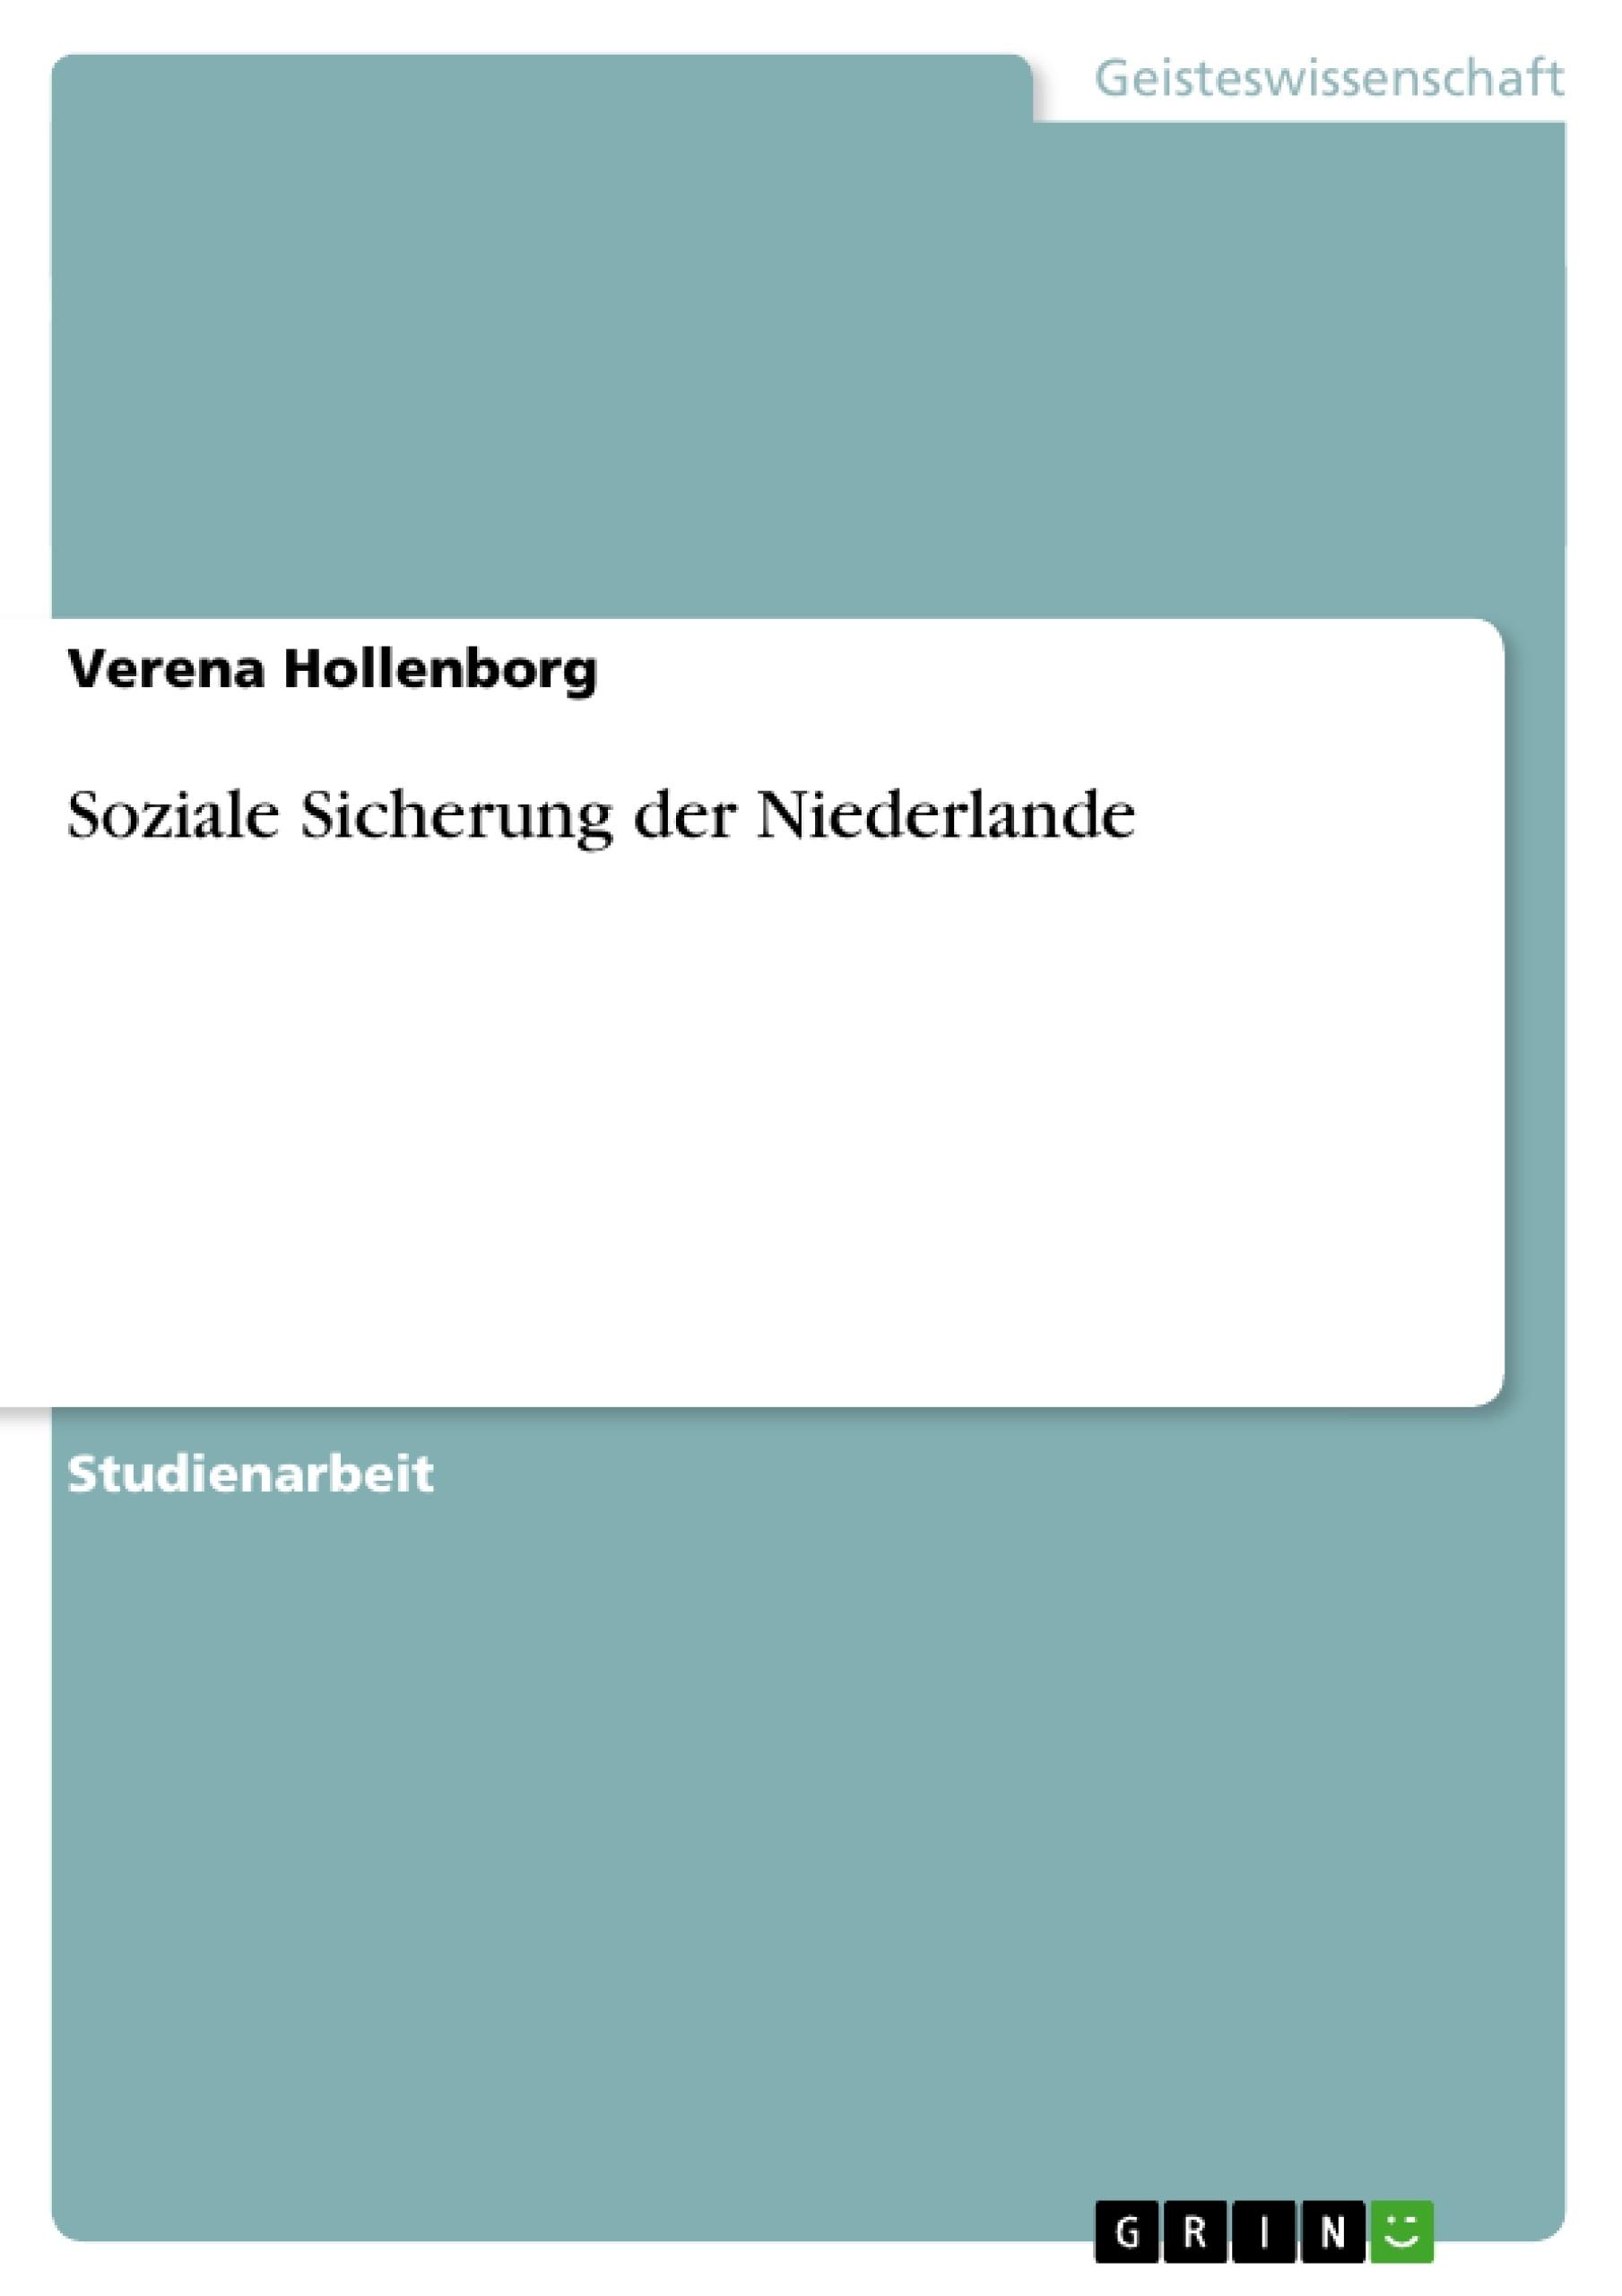 Titel: Soziale Sicherung der Niederlande